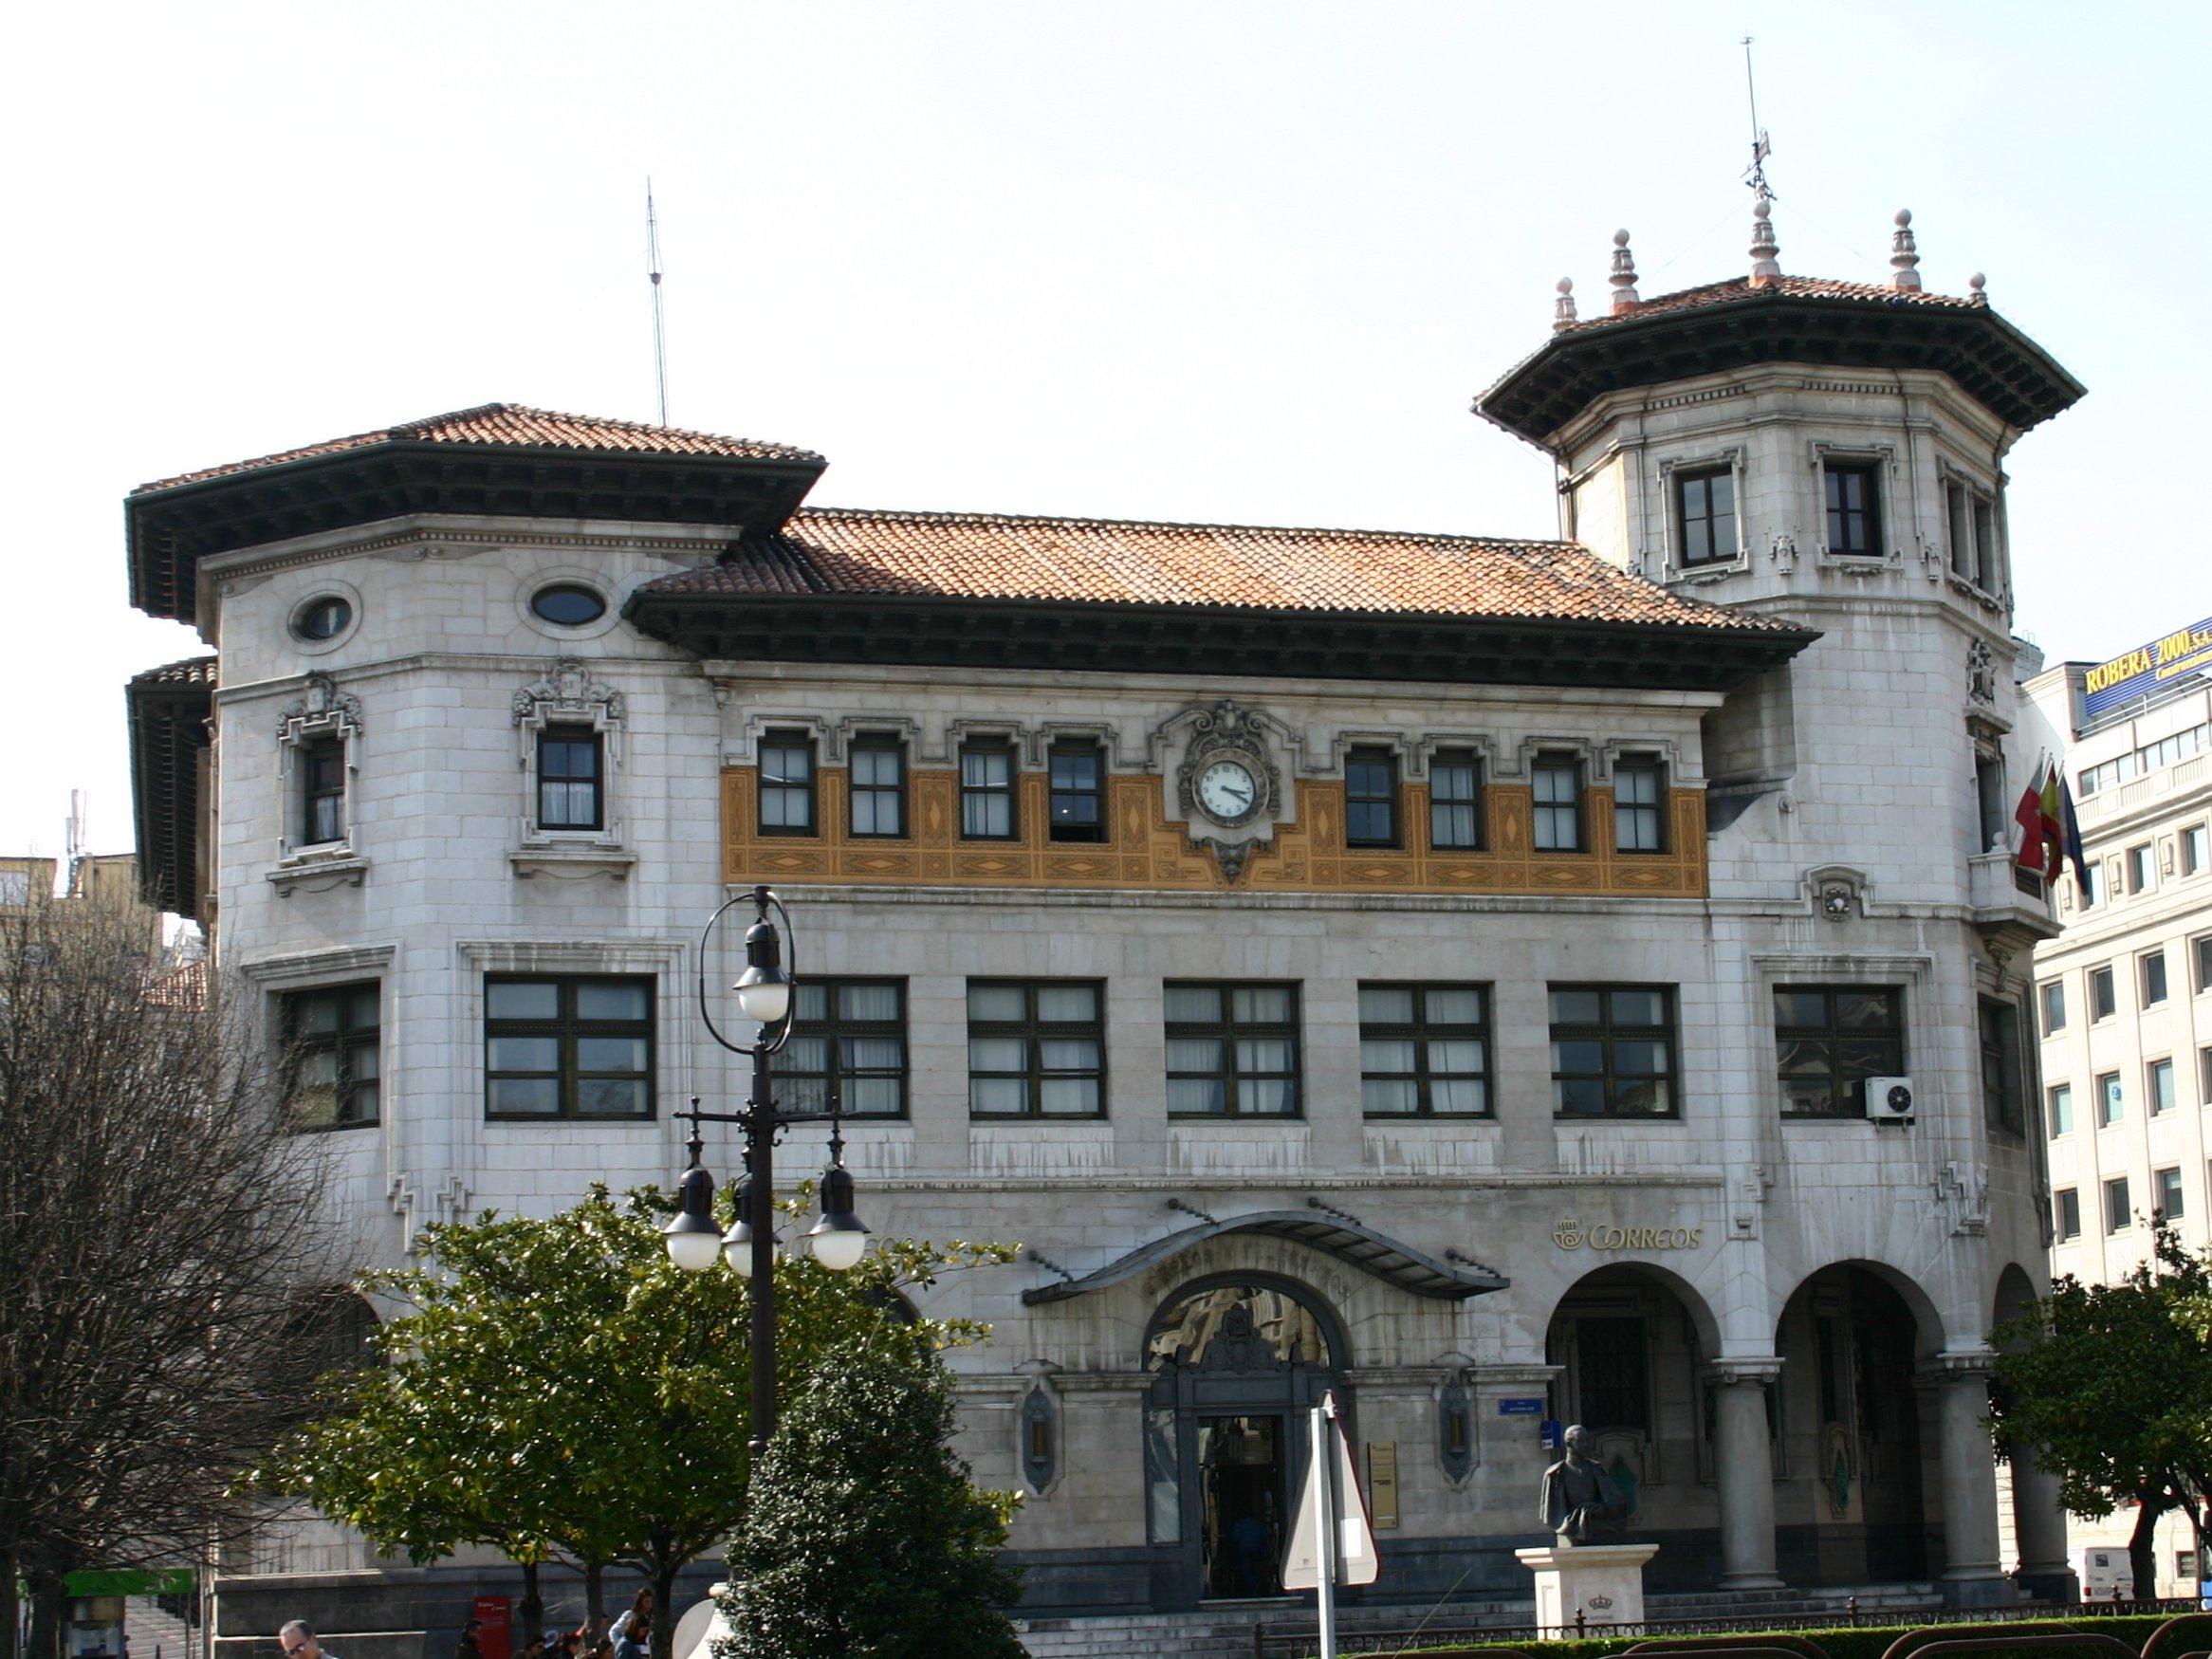 Delegación de Correos en Santander - Wikipedia, la enciclopedia libre